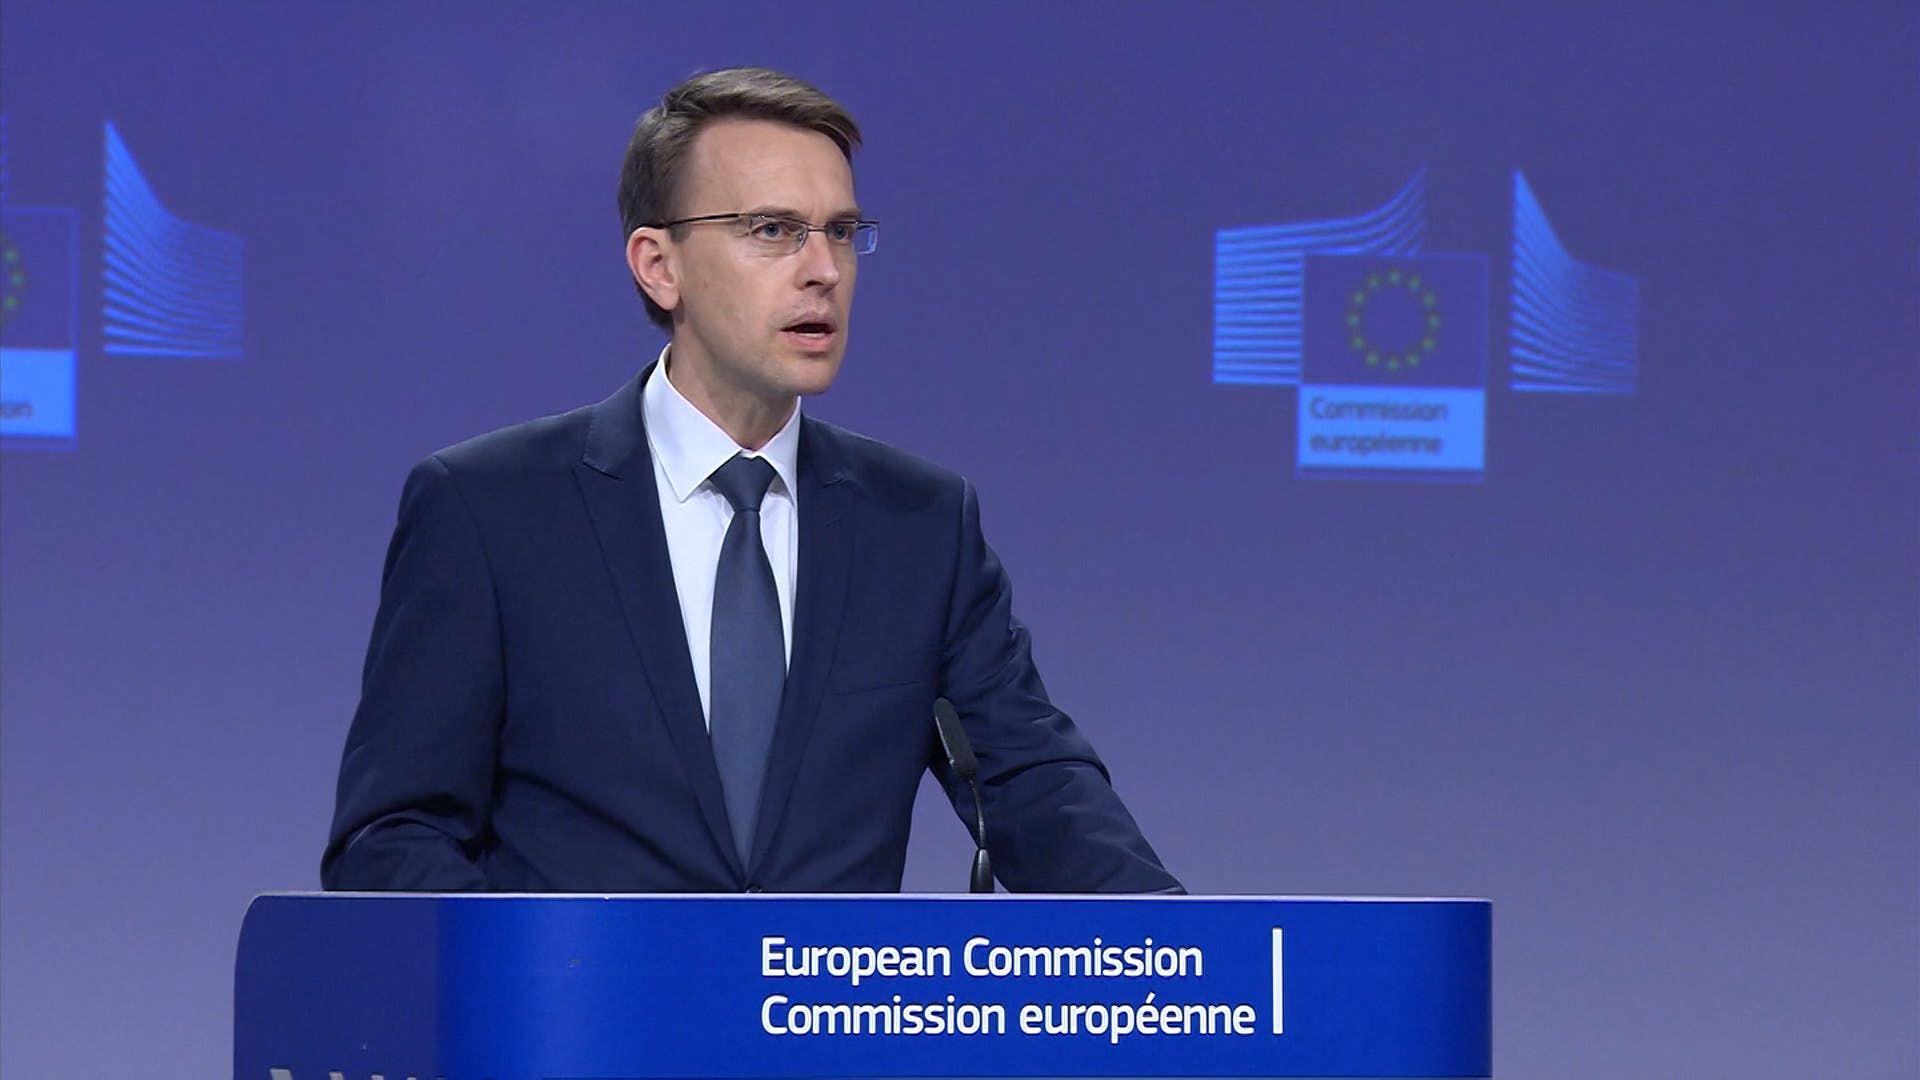 بيتر ستانو المتحدث باسم وزير خارجية الاتحاد الأوروبي (أرشيفية)